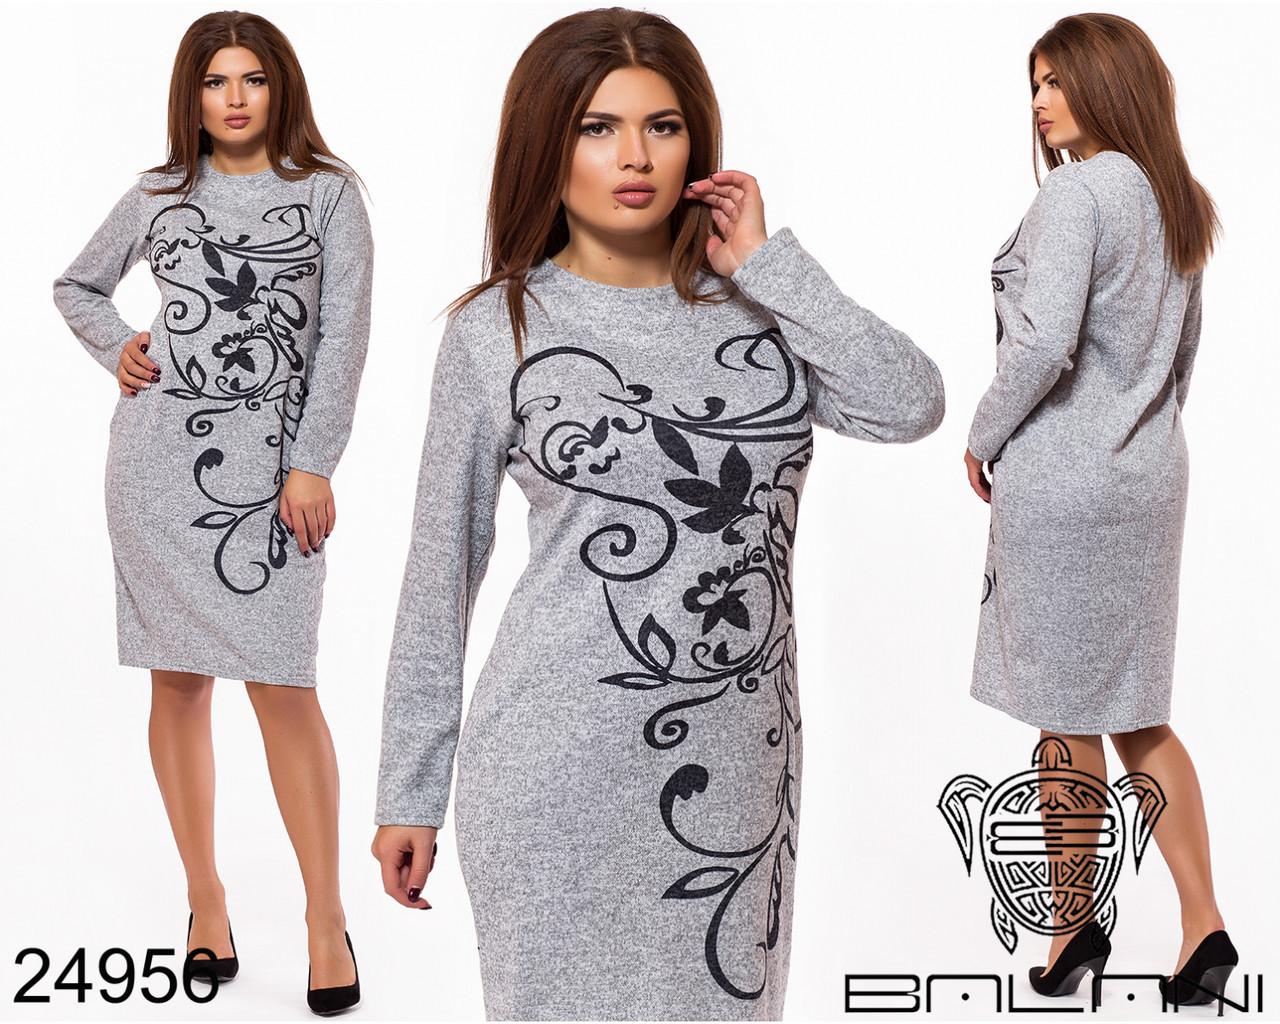 798c045da2c801 Офісна тепла сукня з ангори софт: продажа, цена в Полтаві. сукні ...